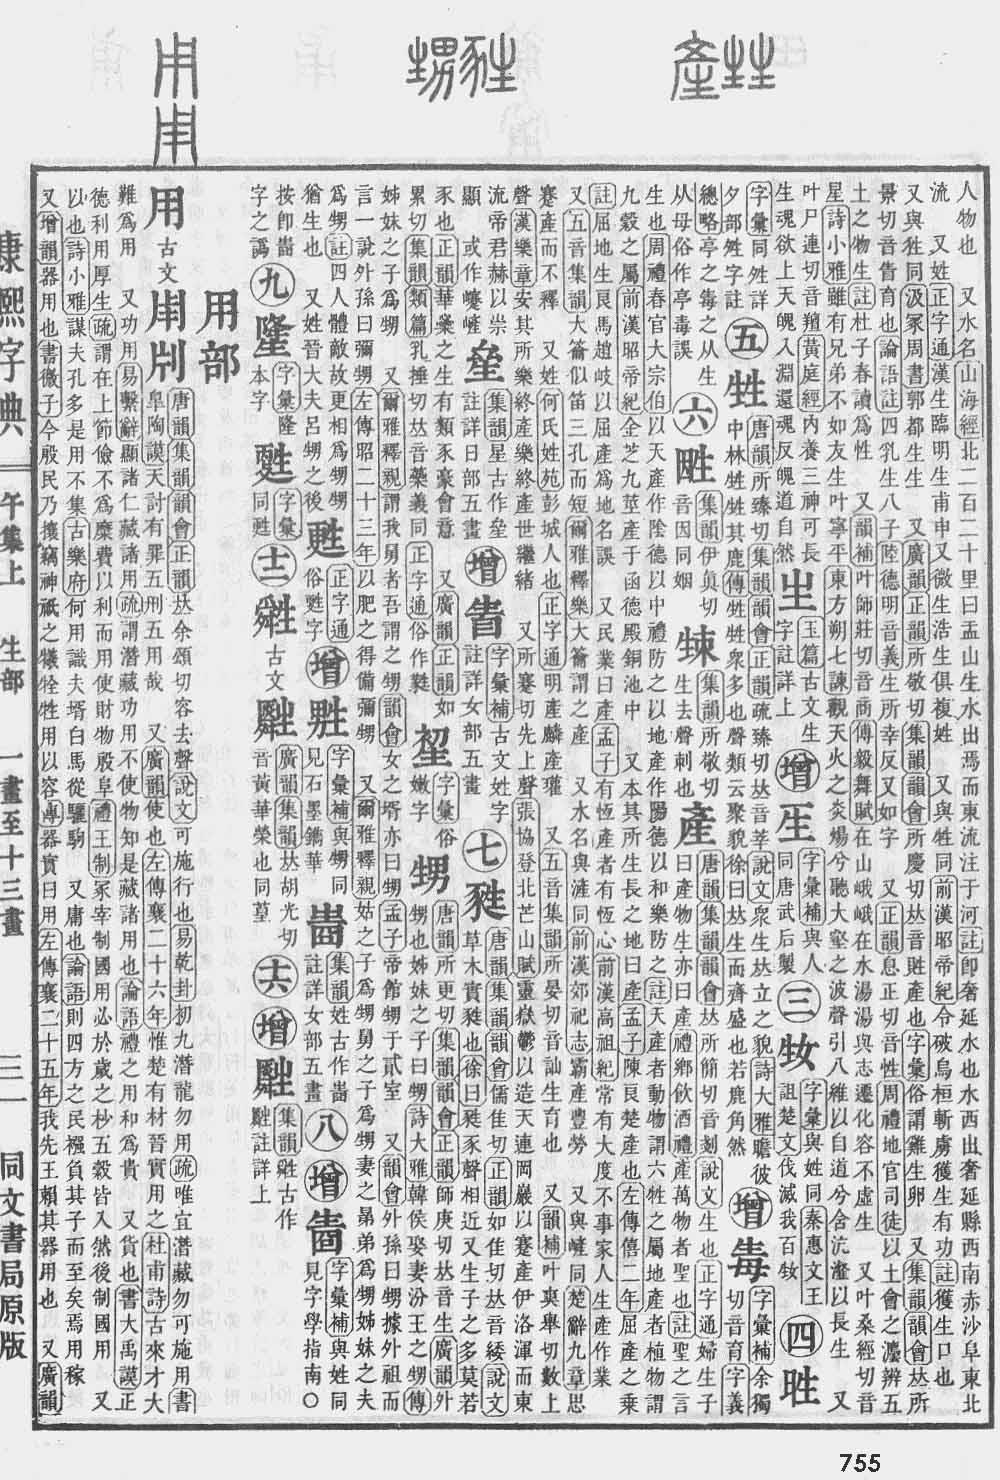 《康熙字典》第755页